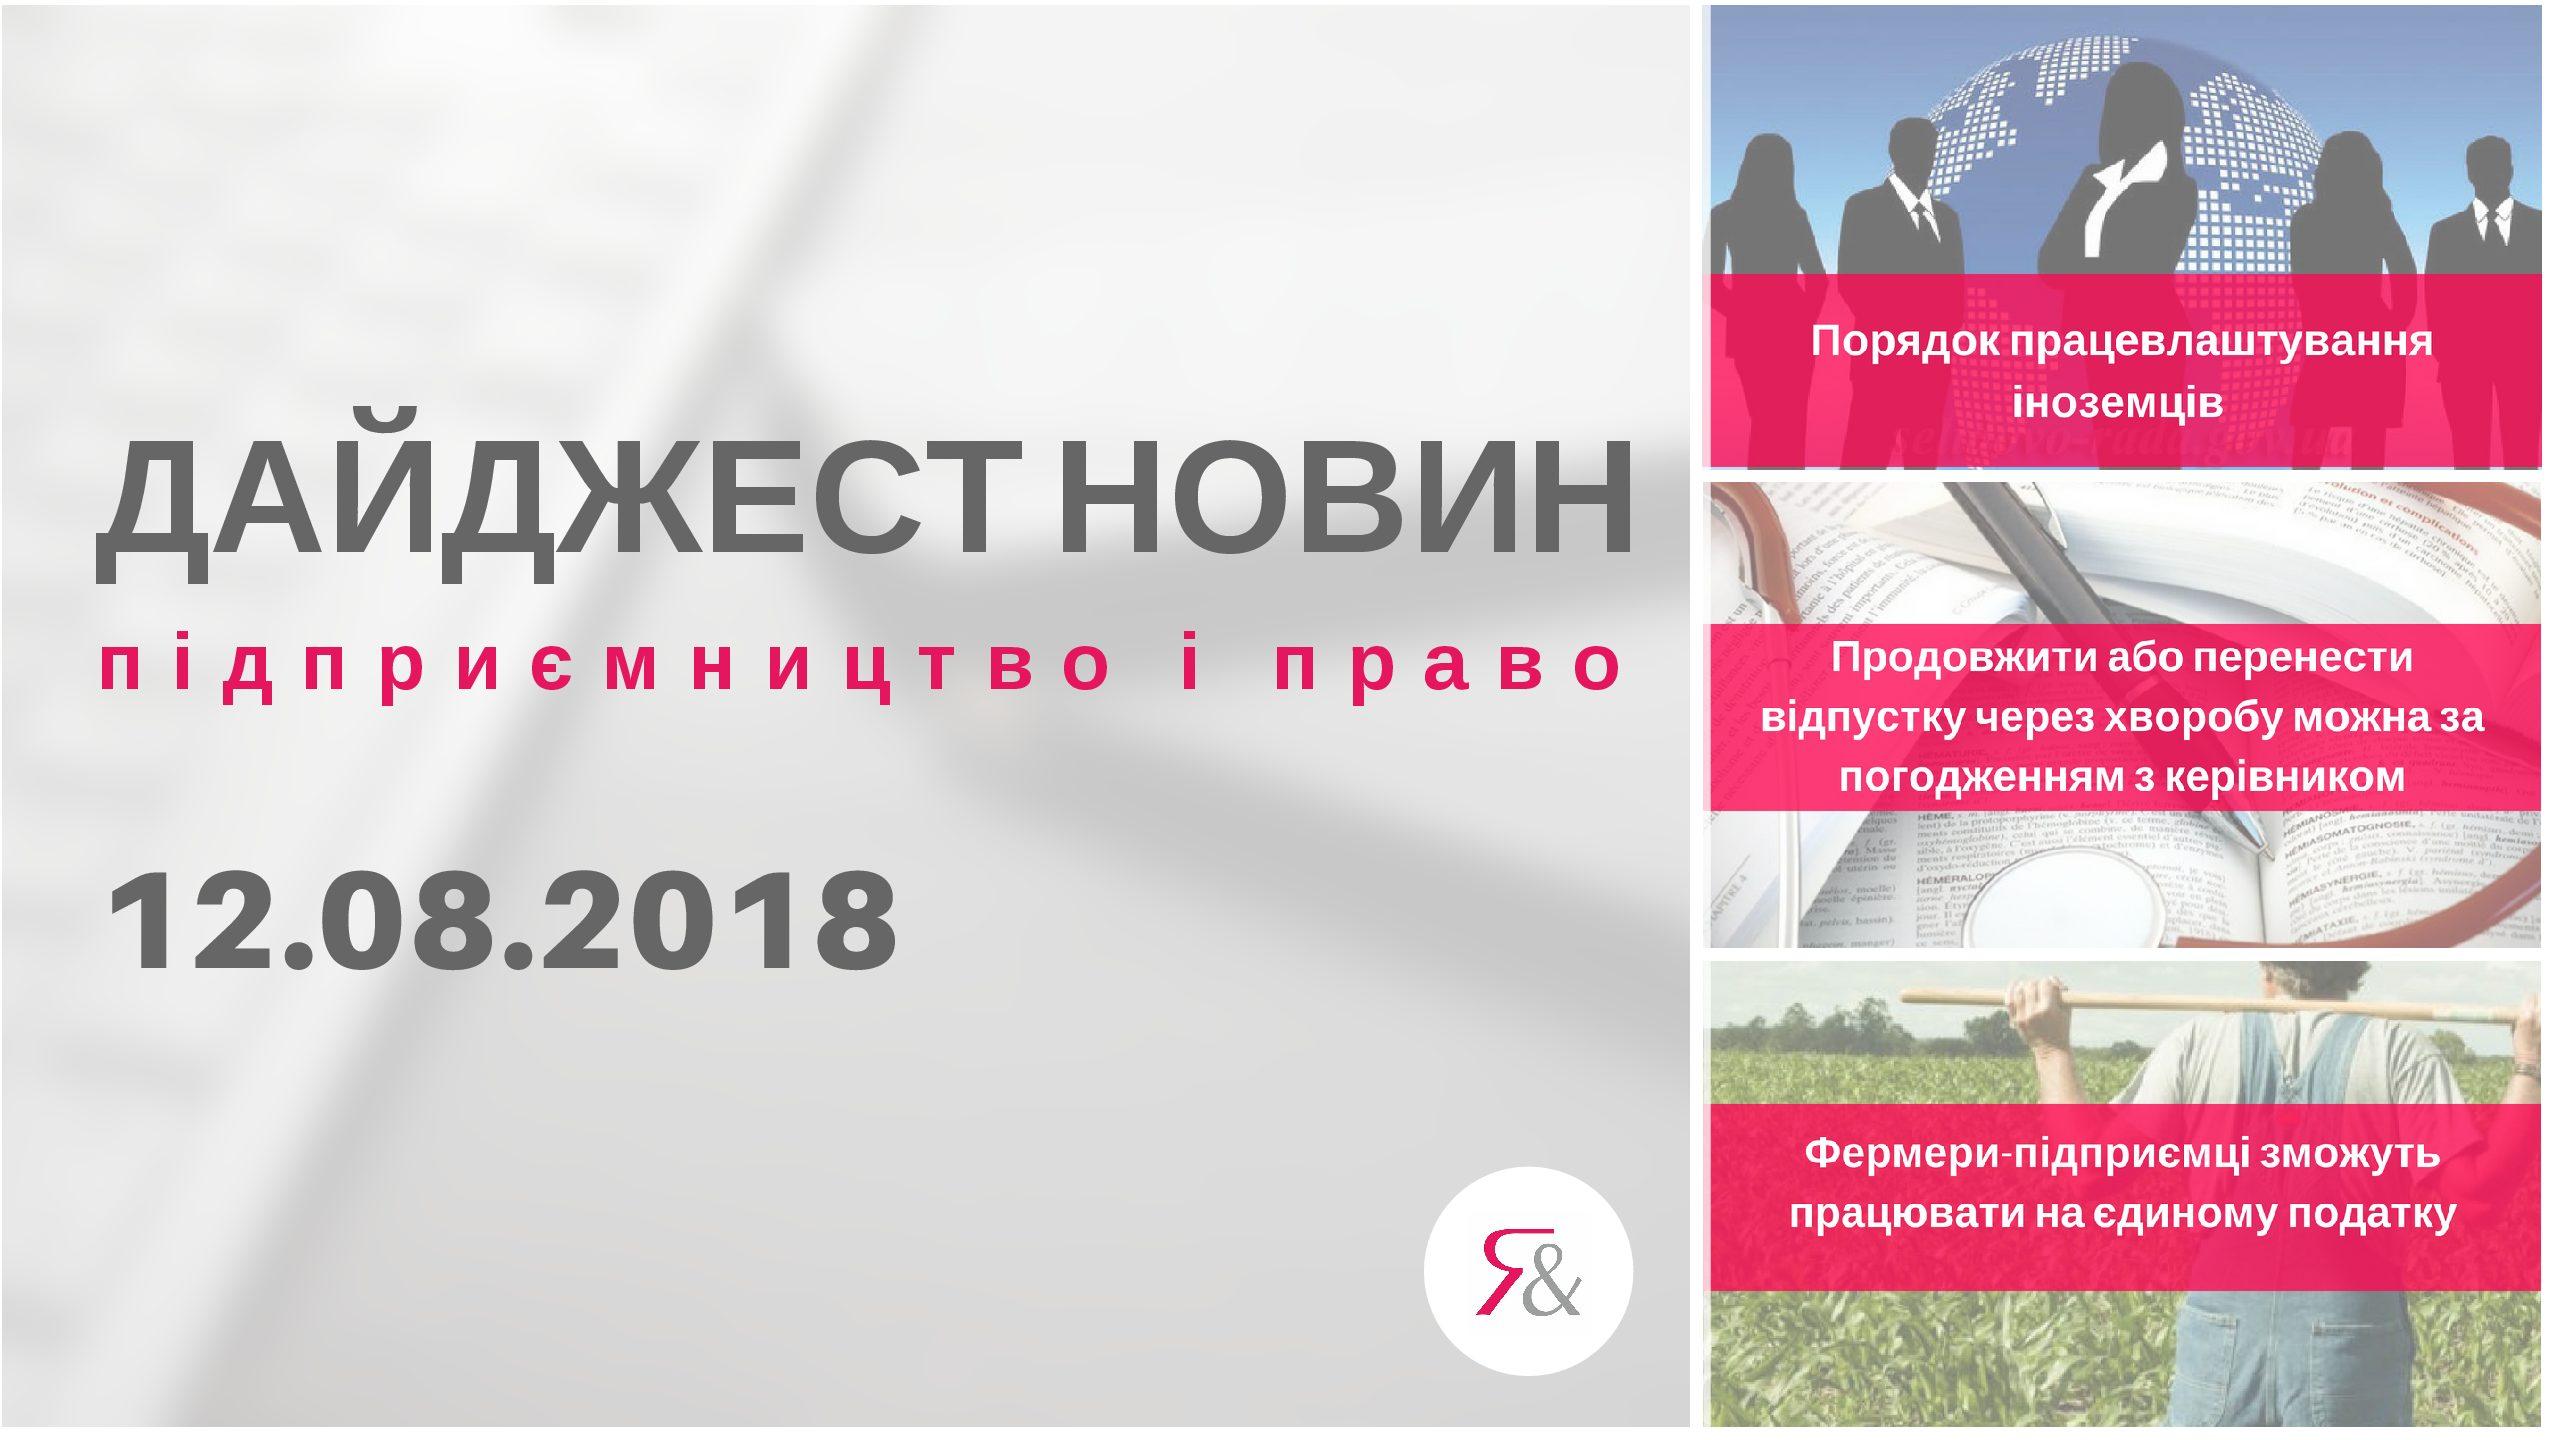 Дайджест нoвин «Підприємництво і право» з 06.07.2018 пo 12.08.2018